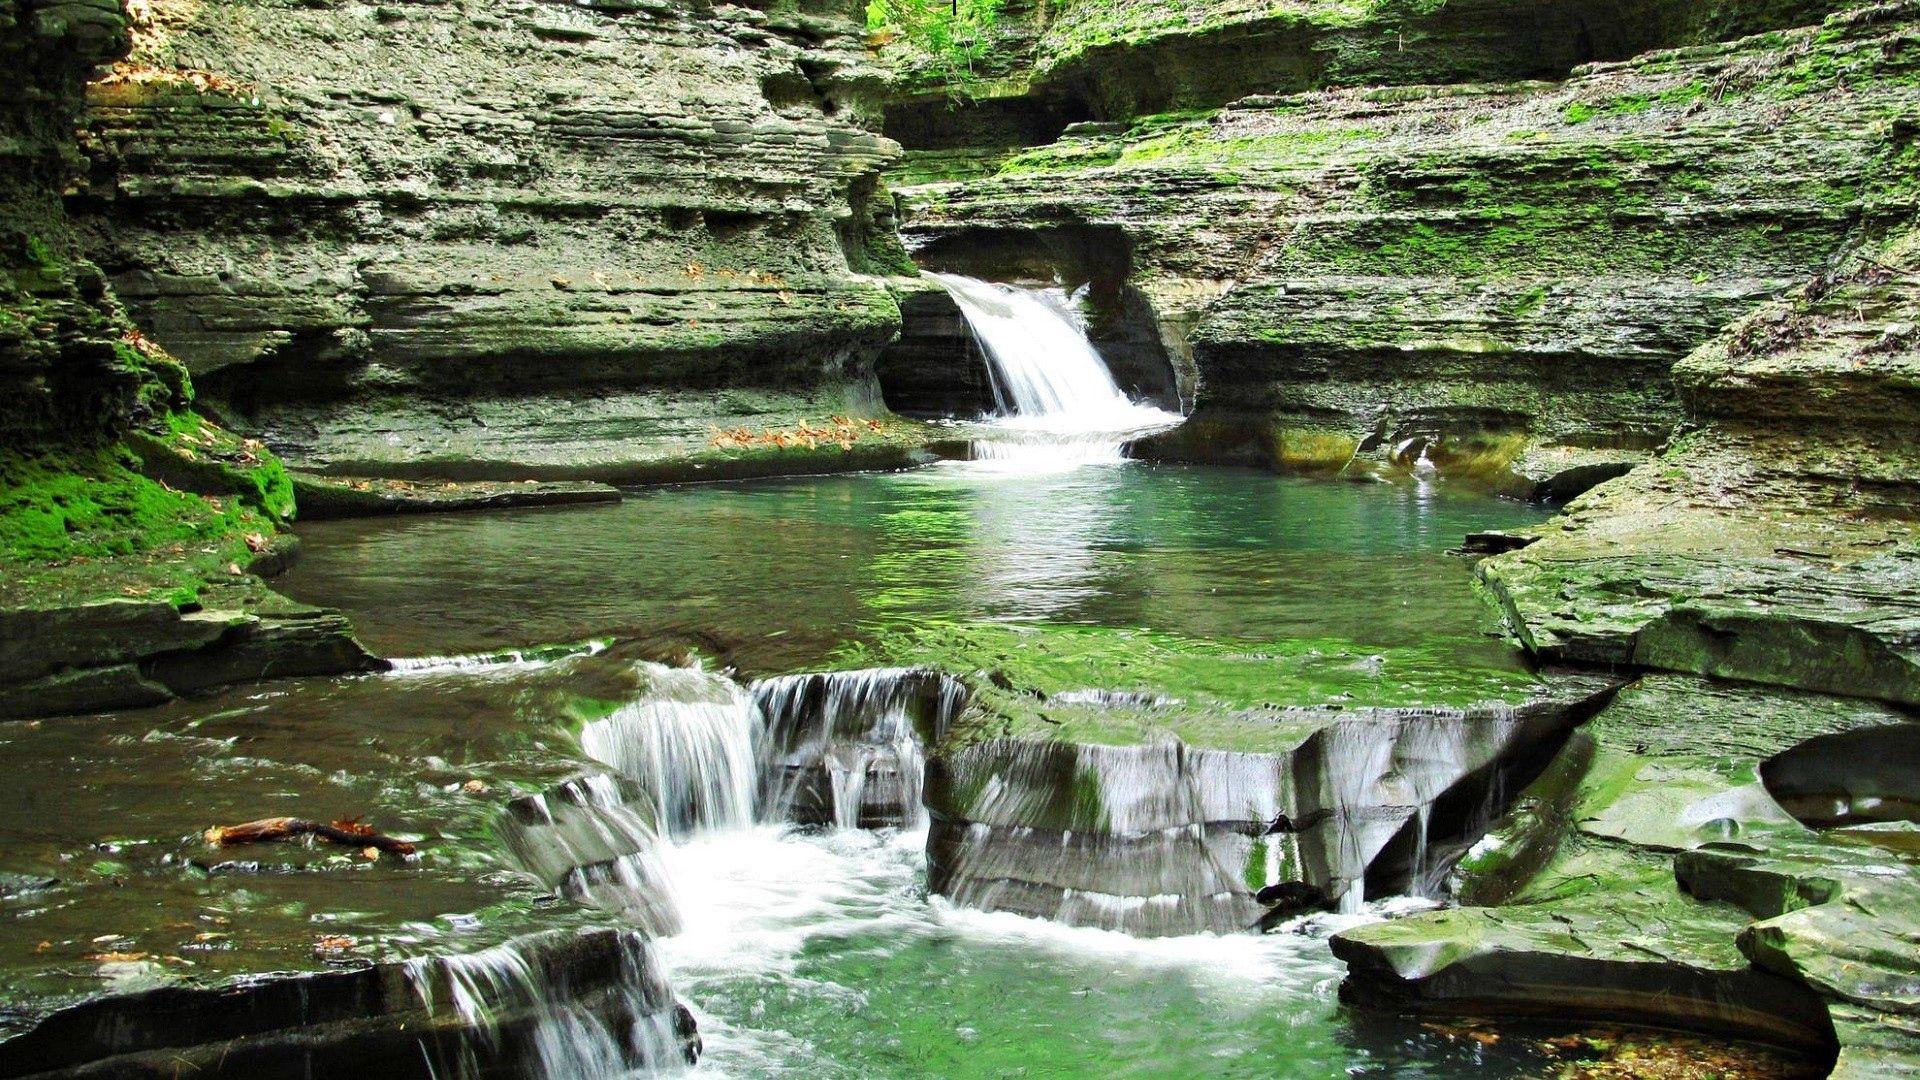 109406 завантажити шпалери Природа, Трава, Фон, Камені, Водоспад - заставки і картинки безкоштовно